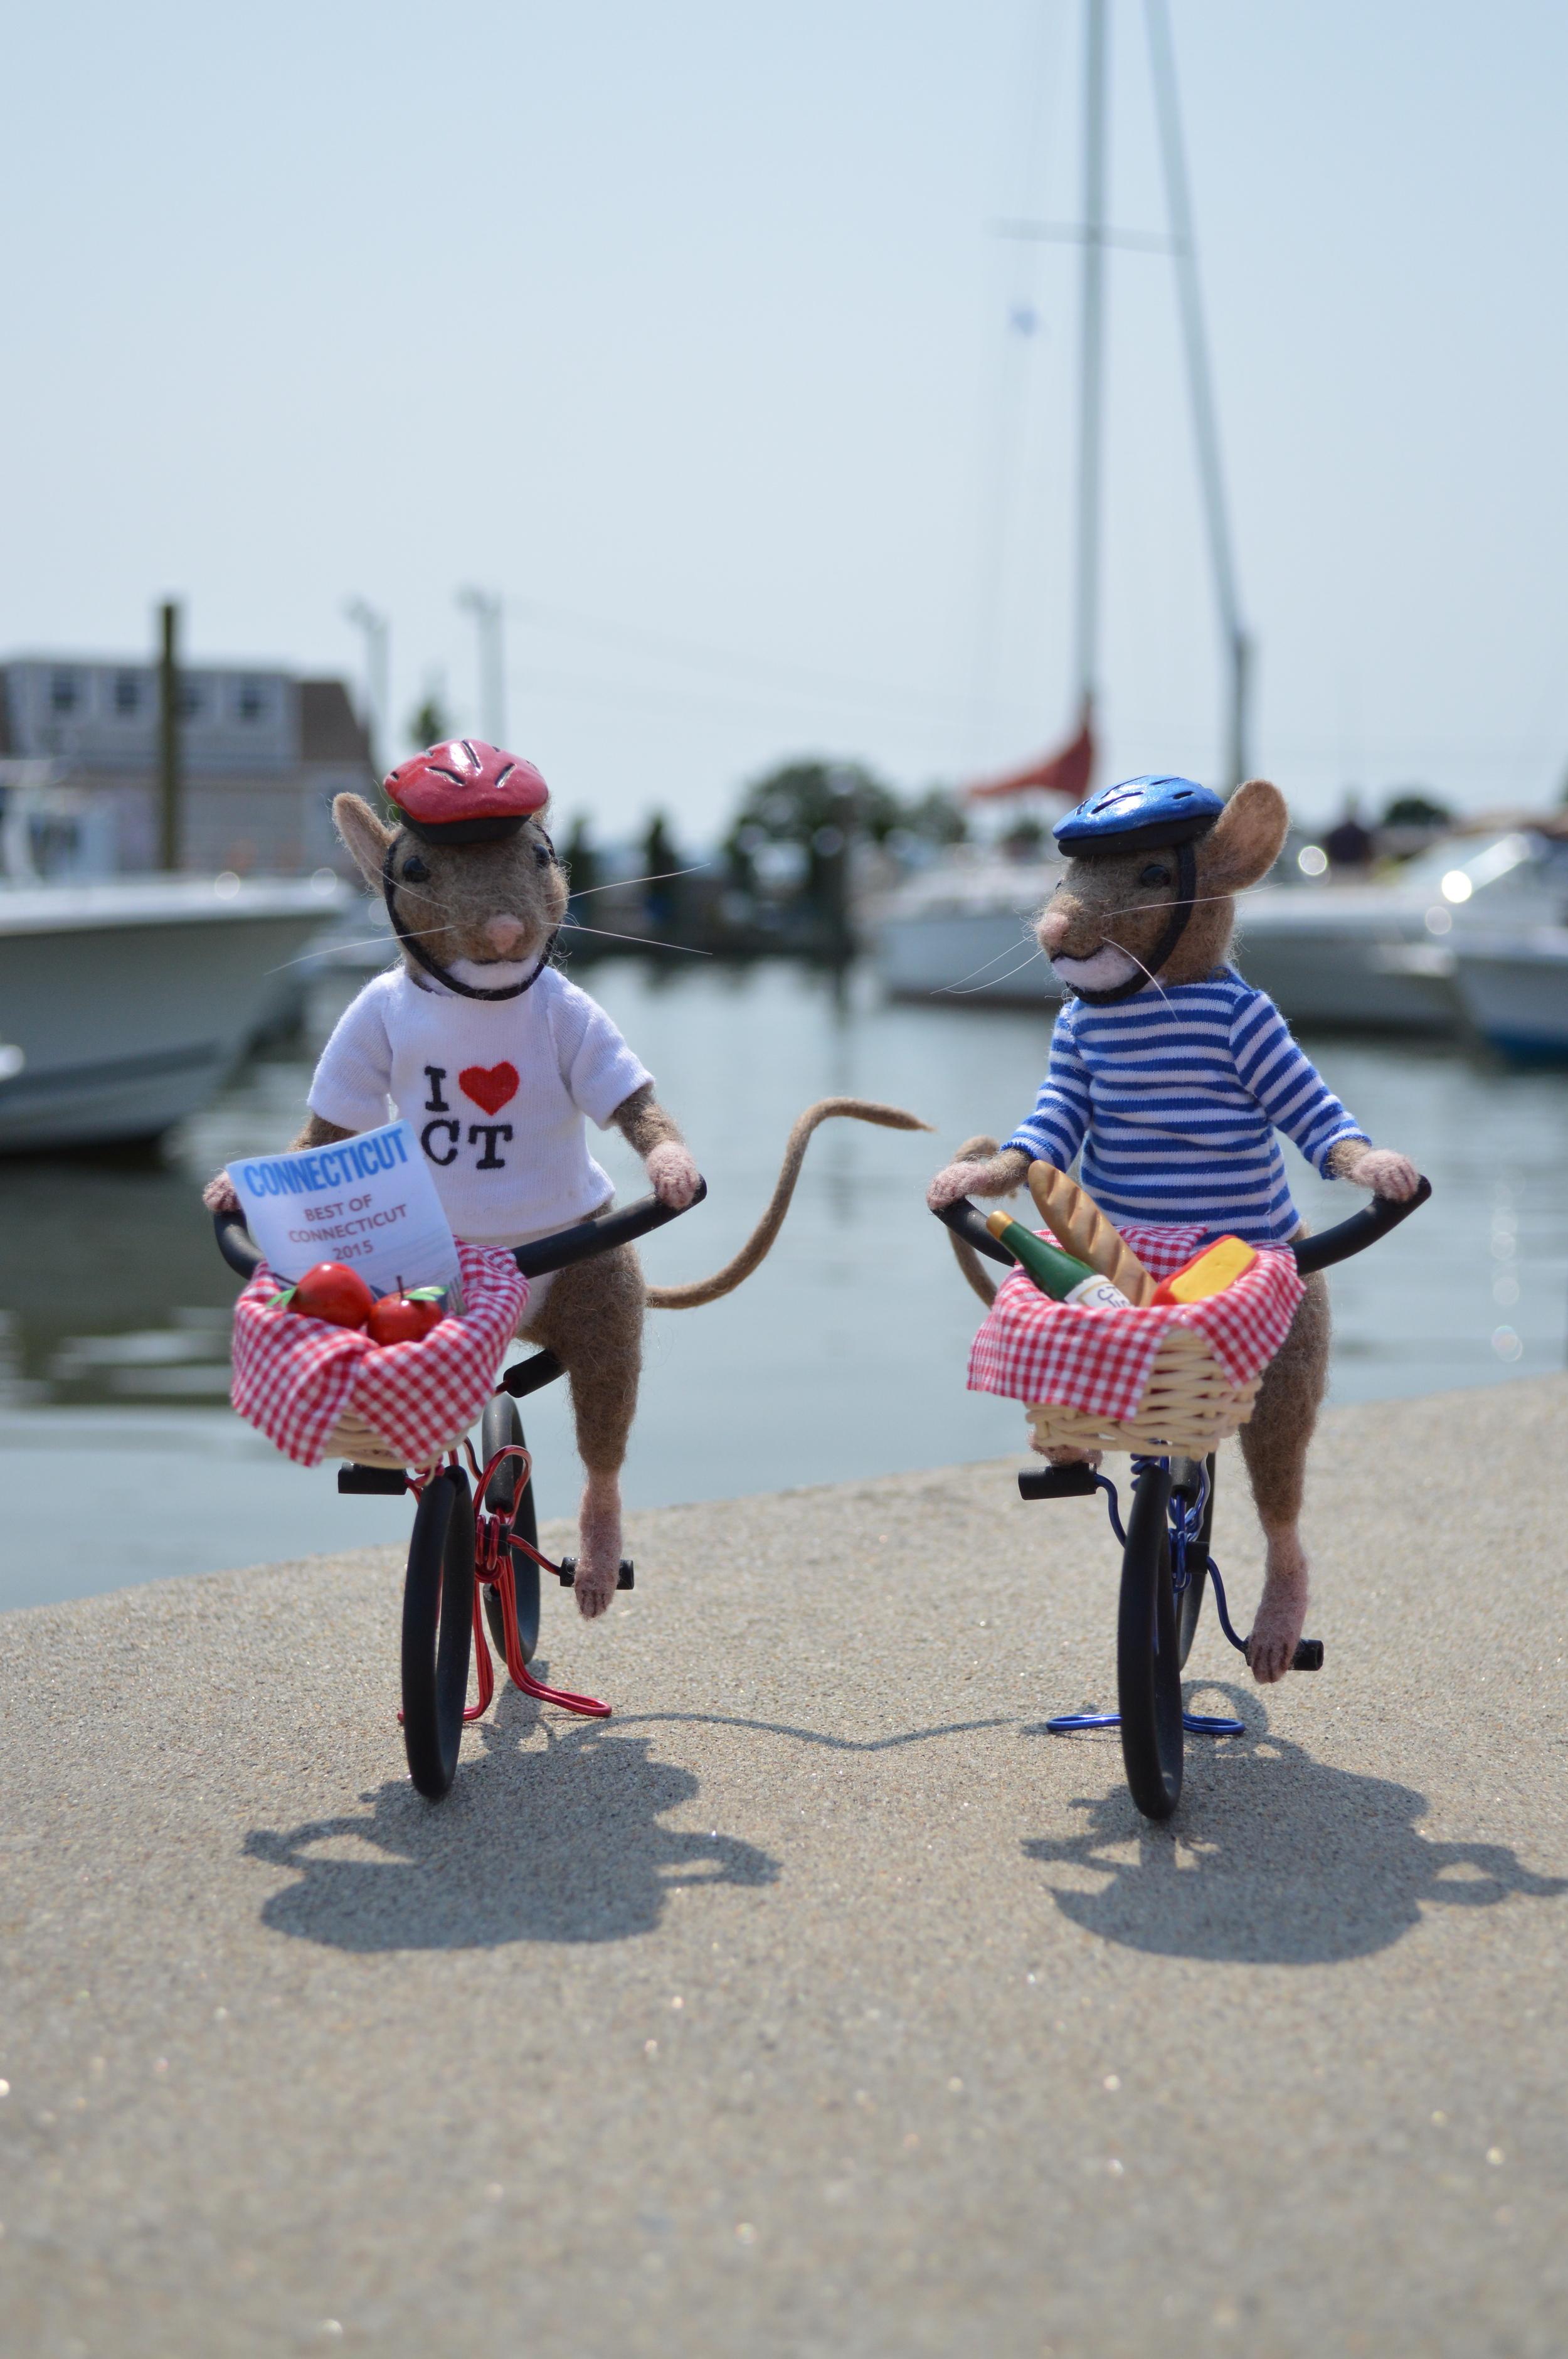 A Bike Ride in Connecticut